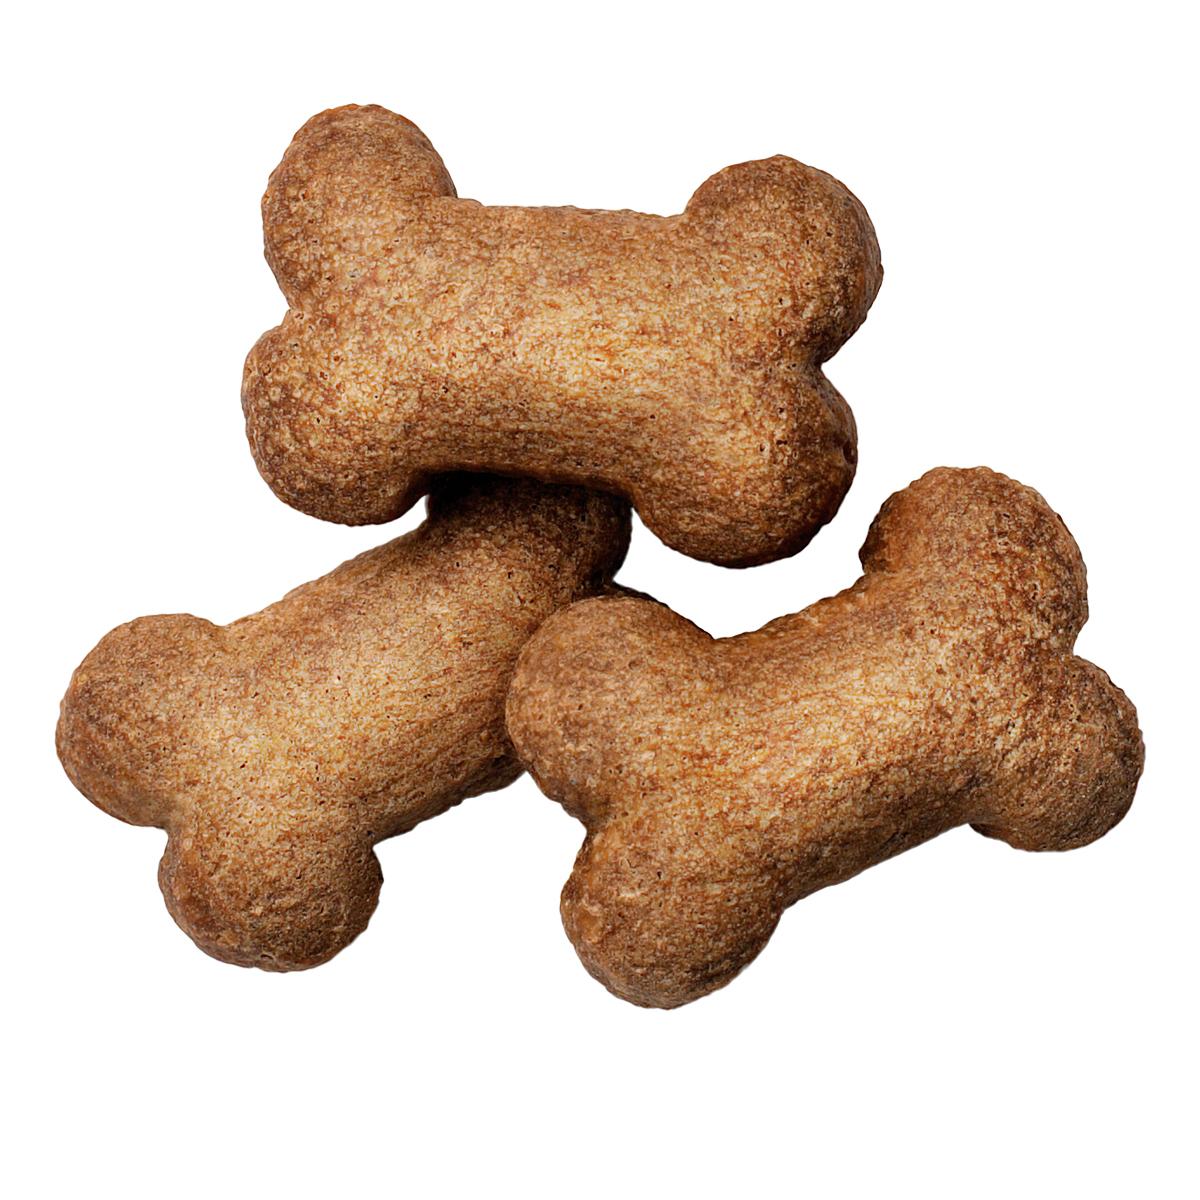 zd-treats-